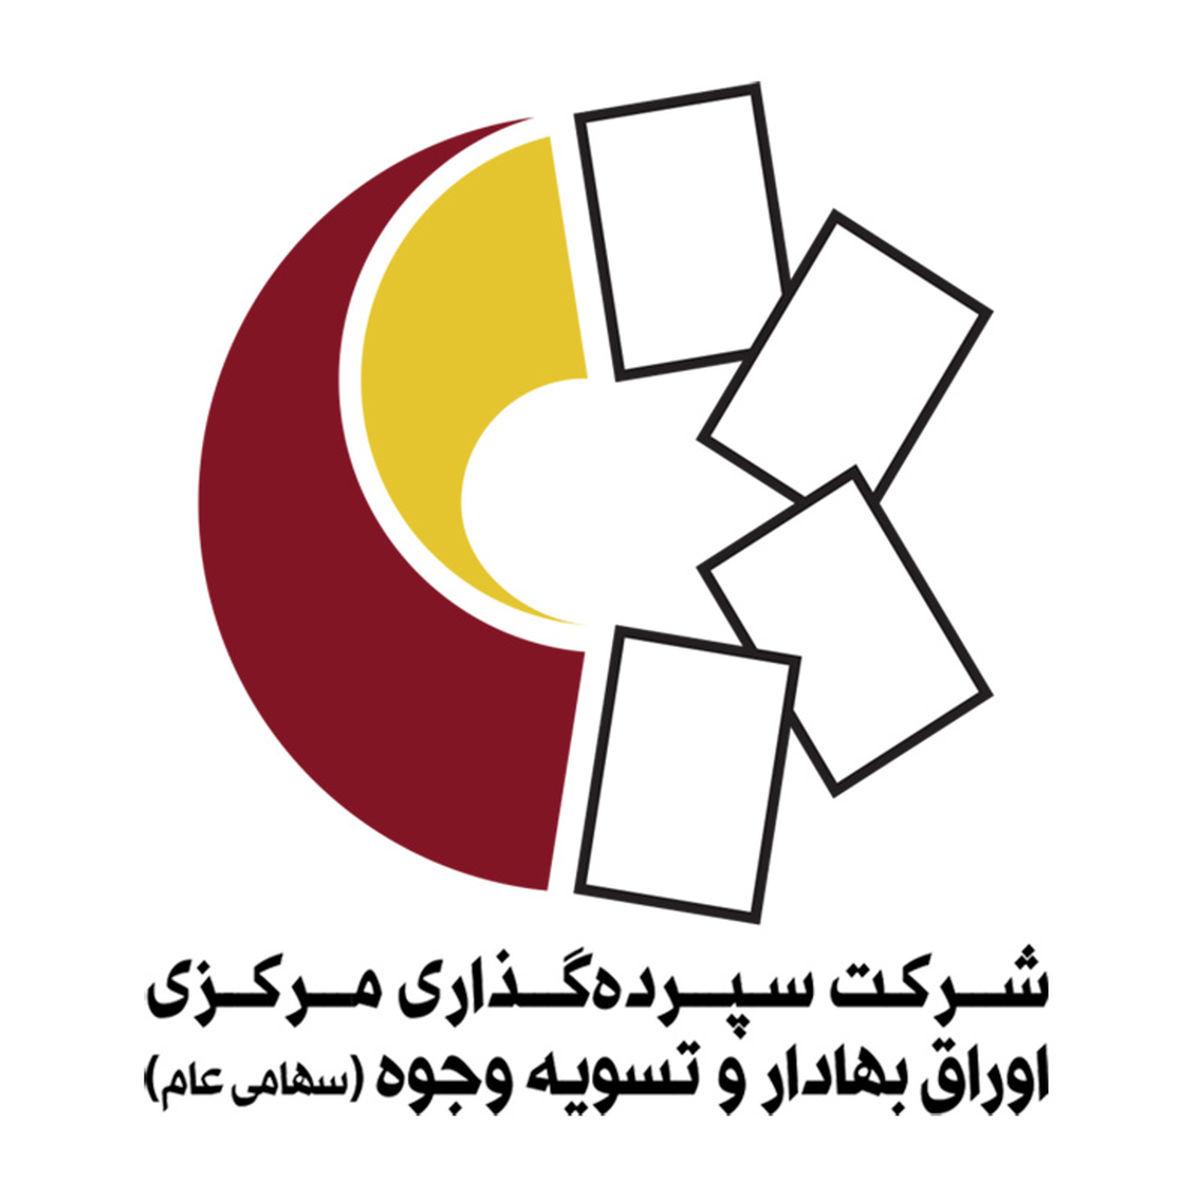 درج نماد نماد یک صندوق سرمایه گذاری در سامانه پس از معاملات